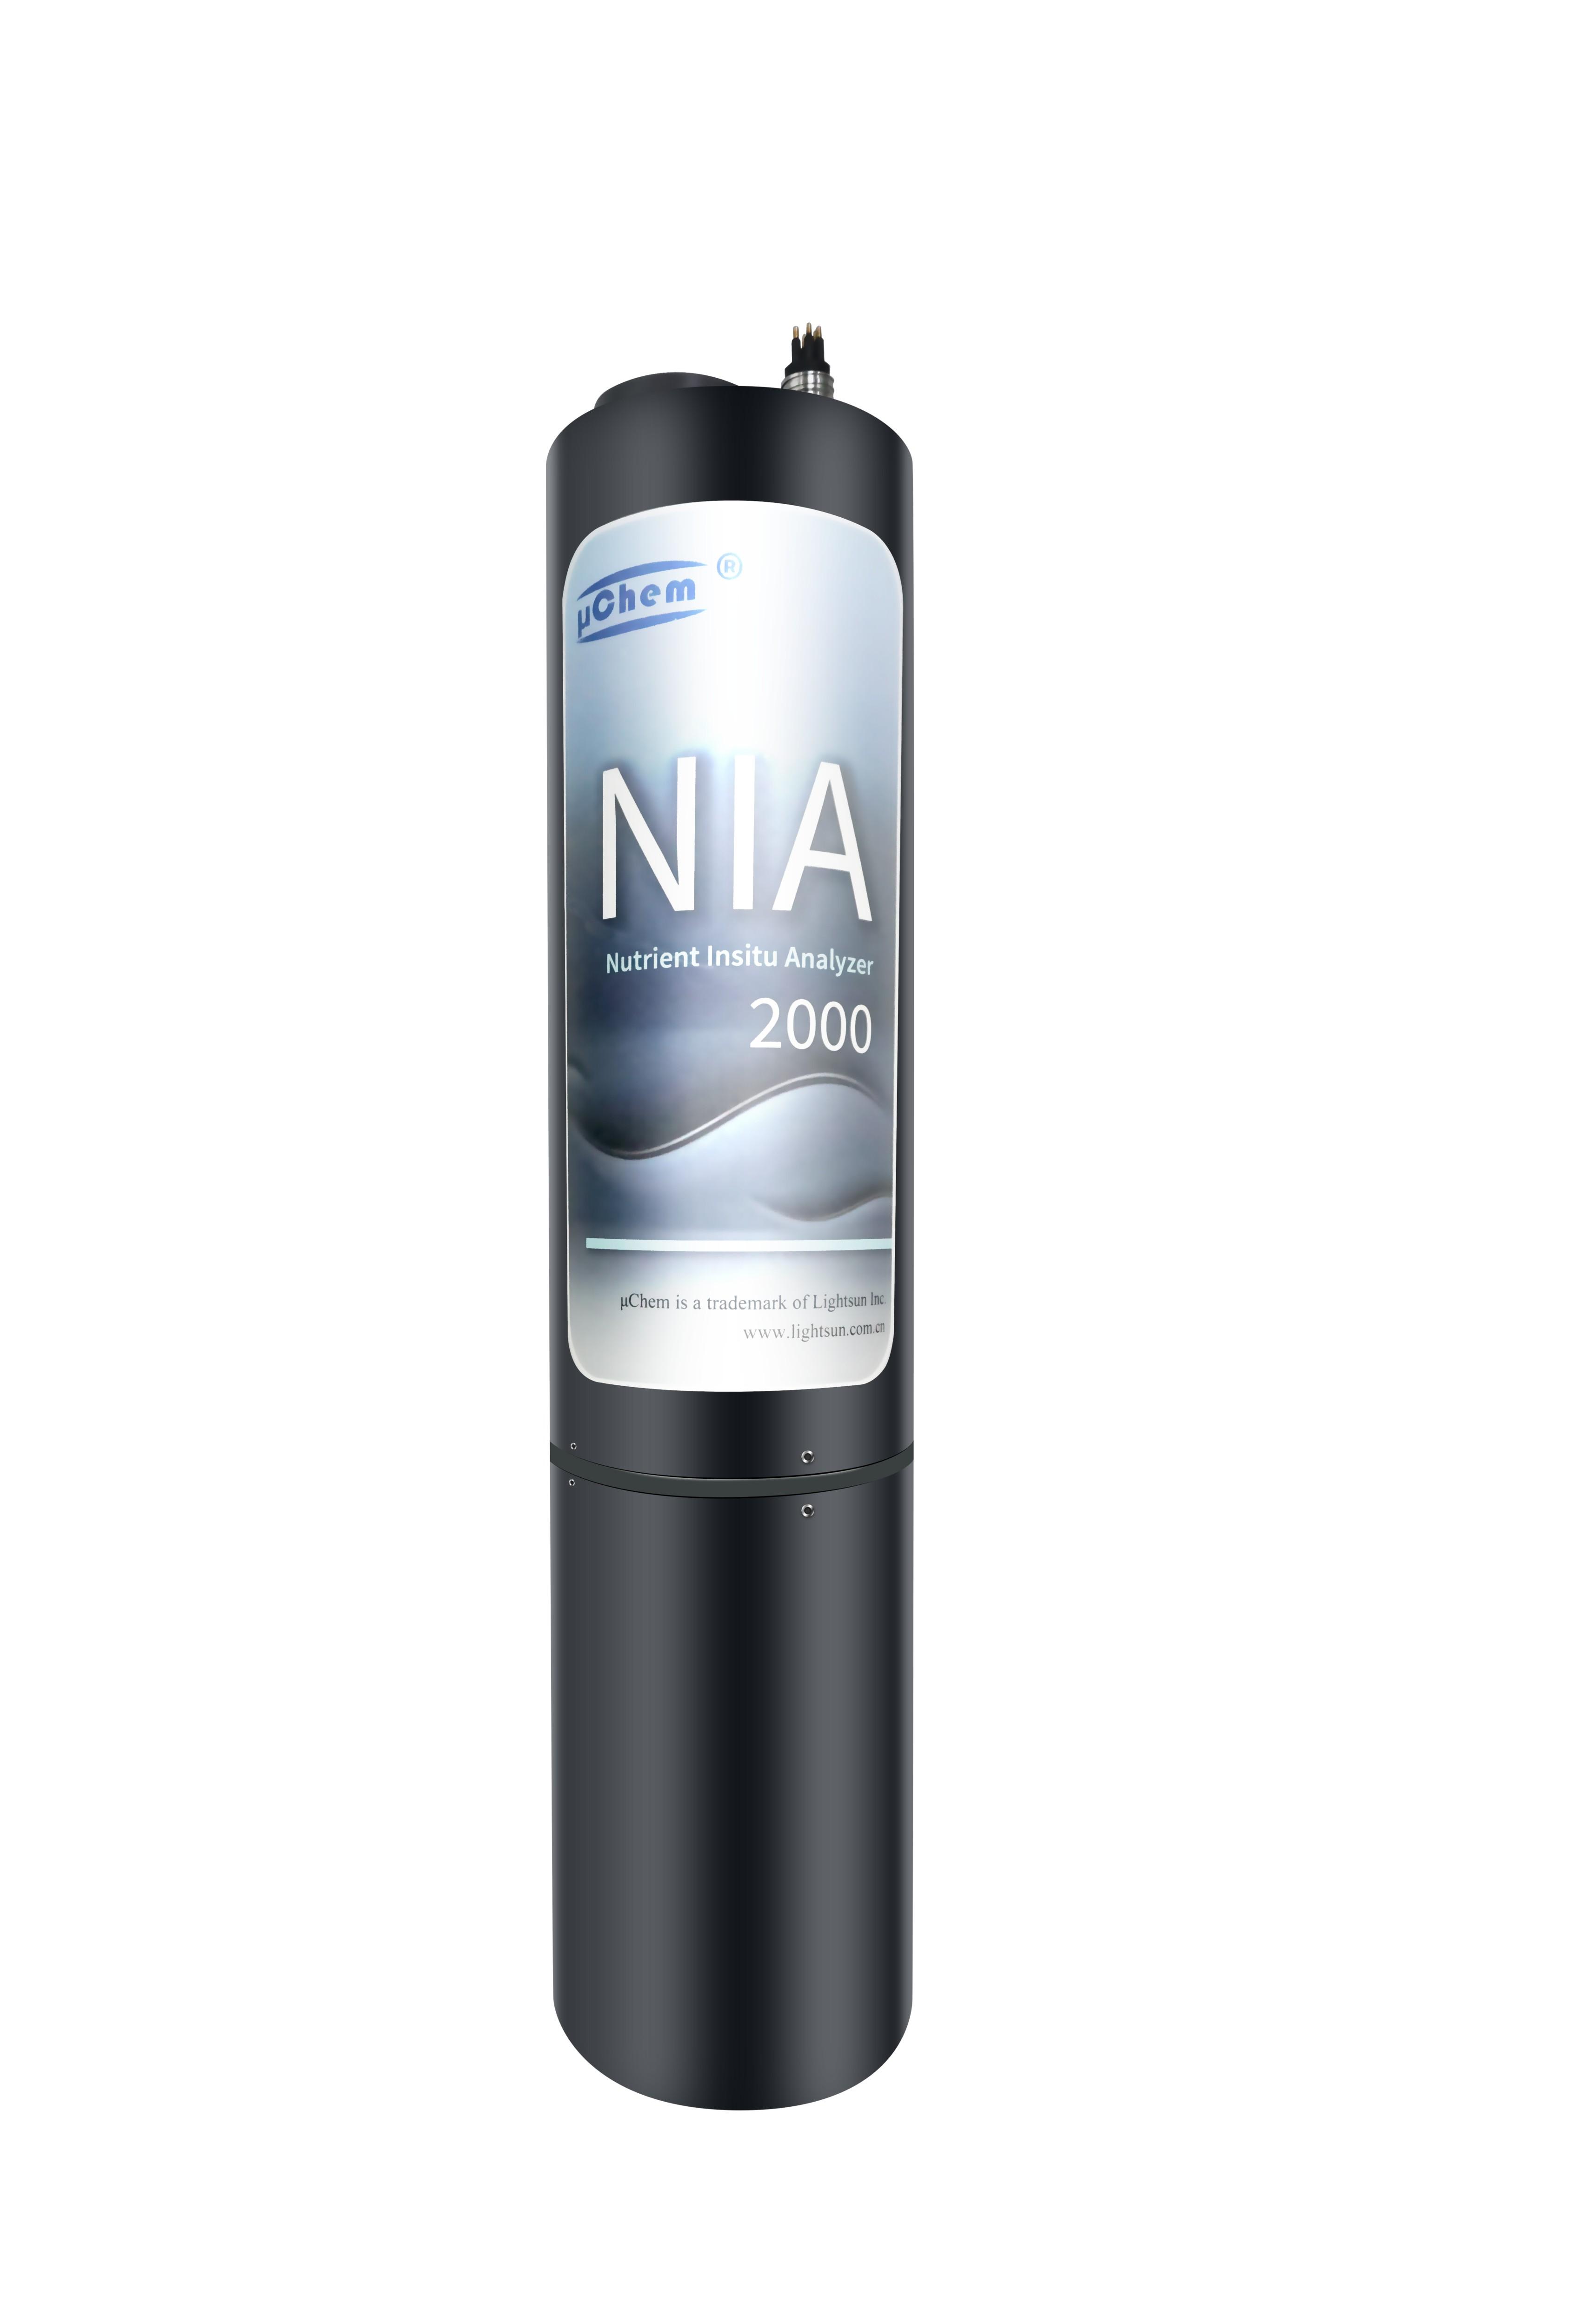 μChem NIA 2000原位营养盐分析仪